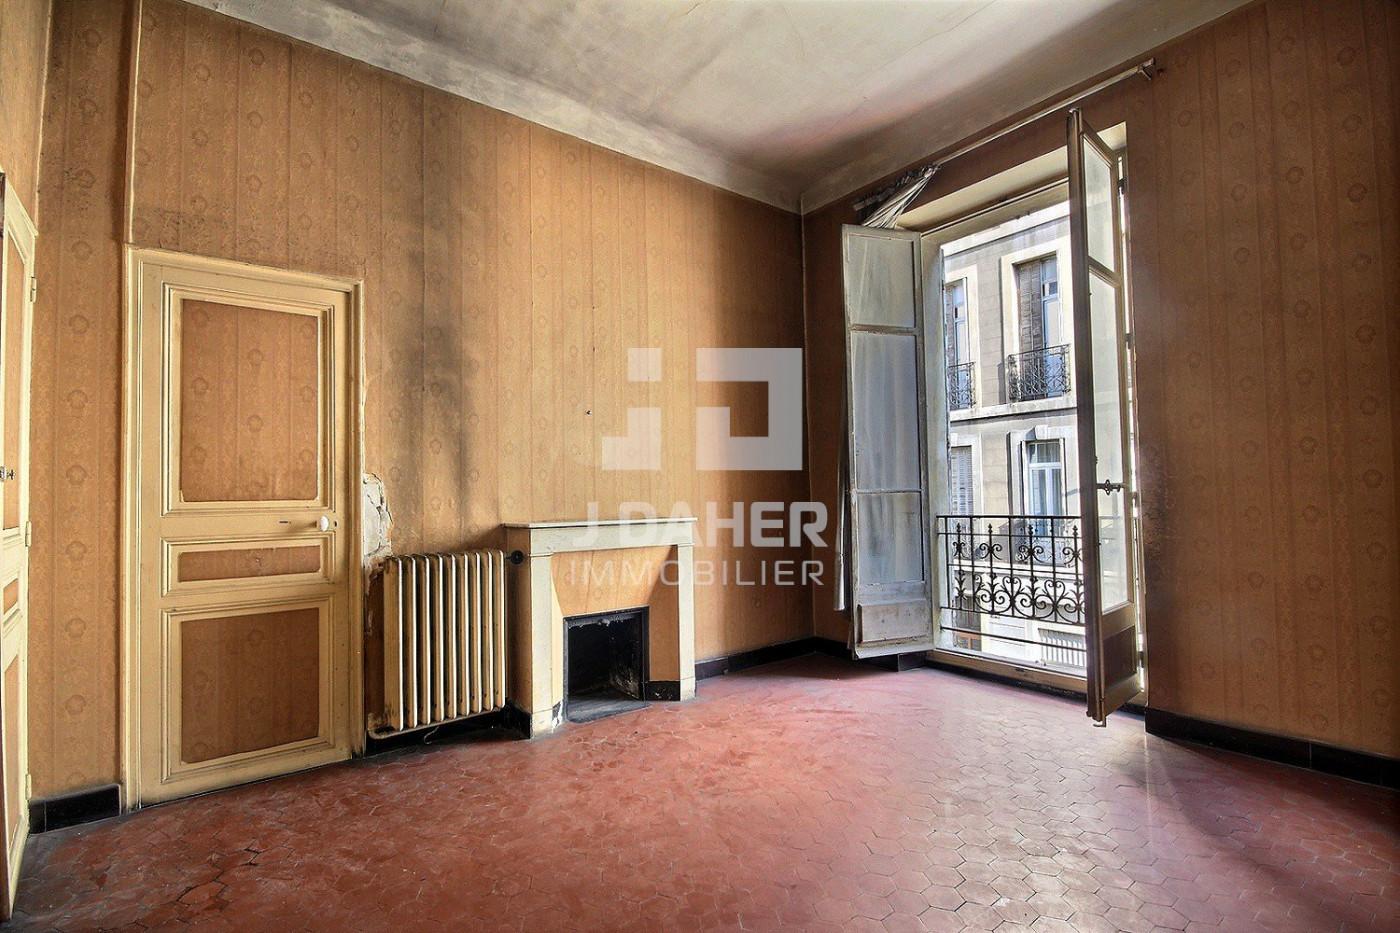 A vendre Marseille 1er Arrondissement 13025911 J daher immobilier